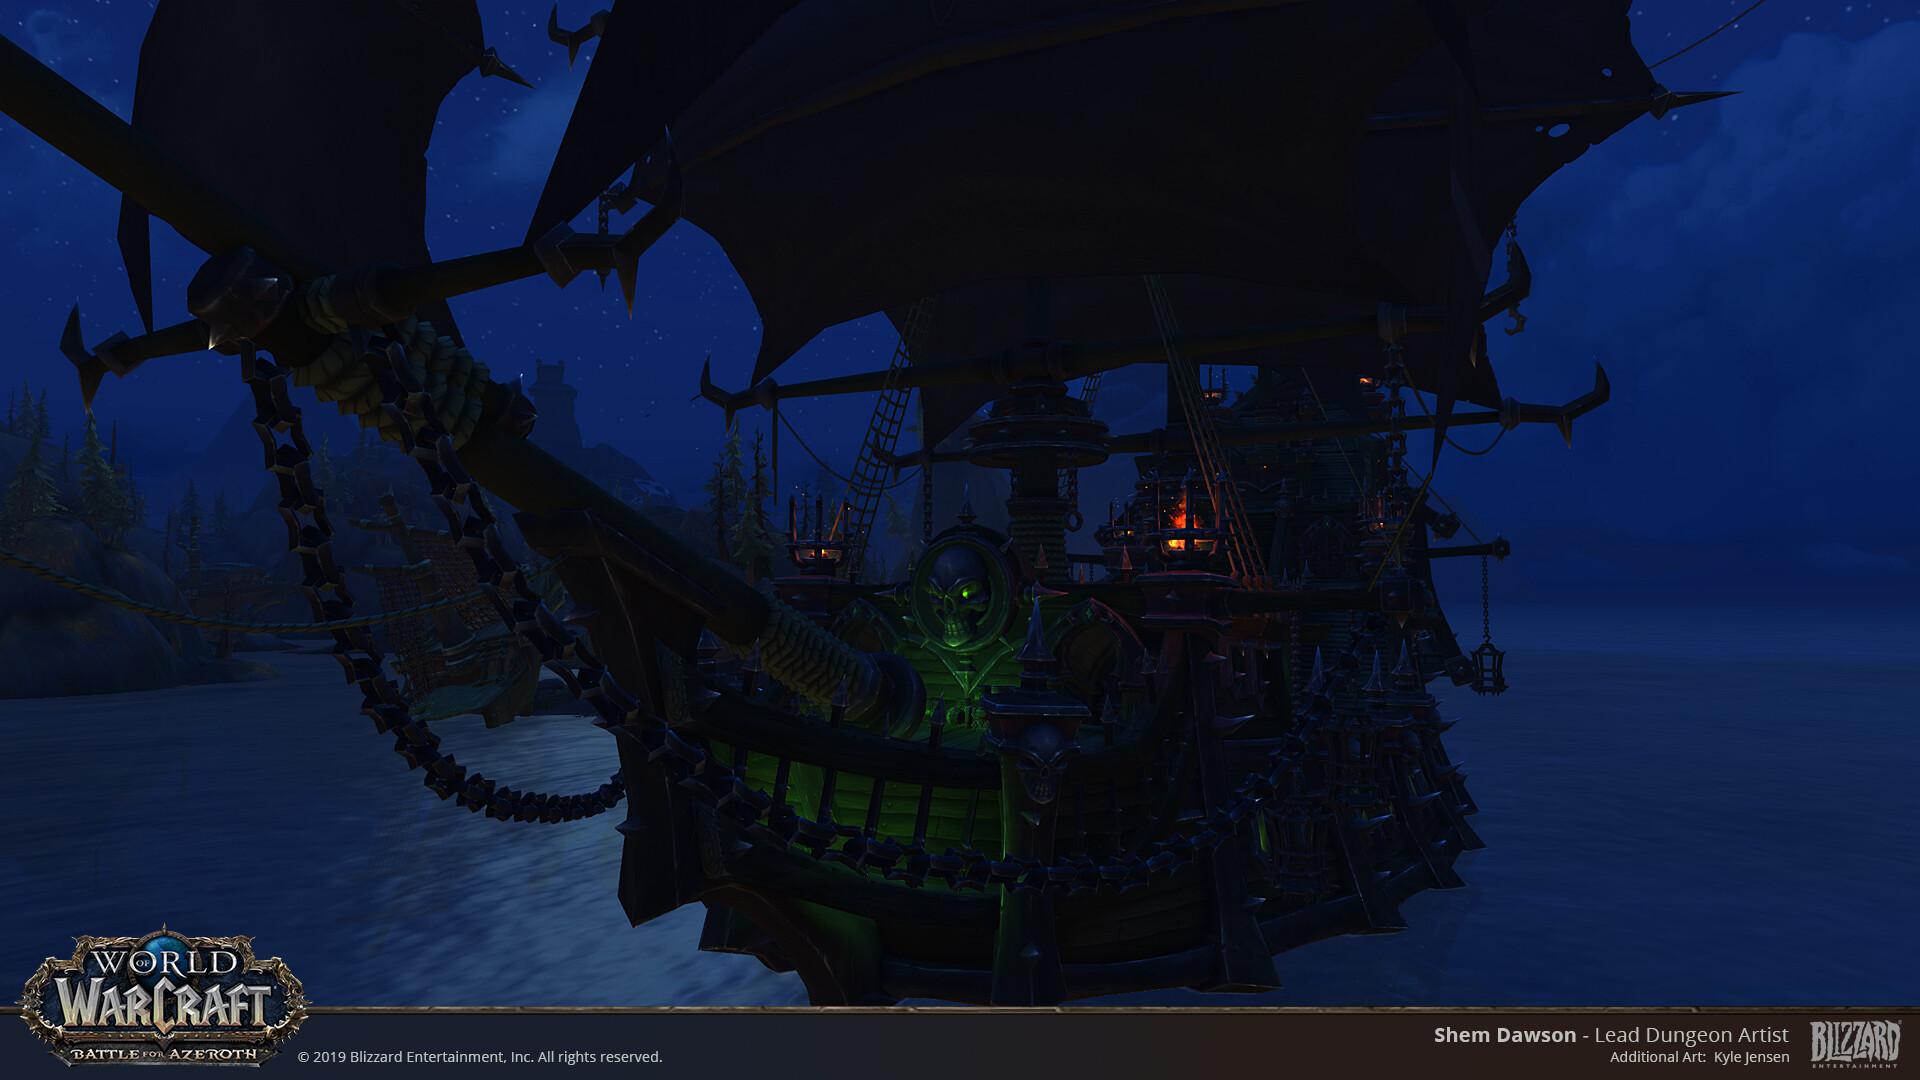 Shem dawson forskaen ship image10